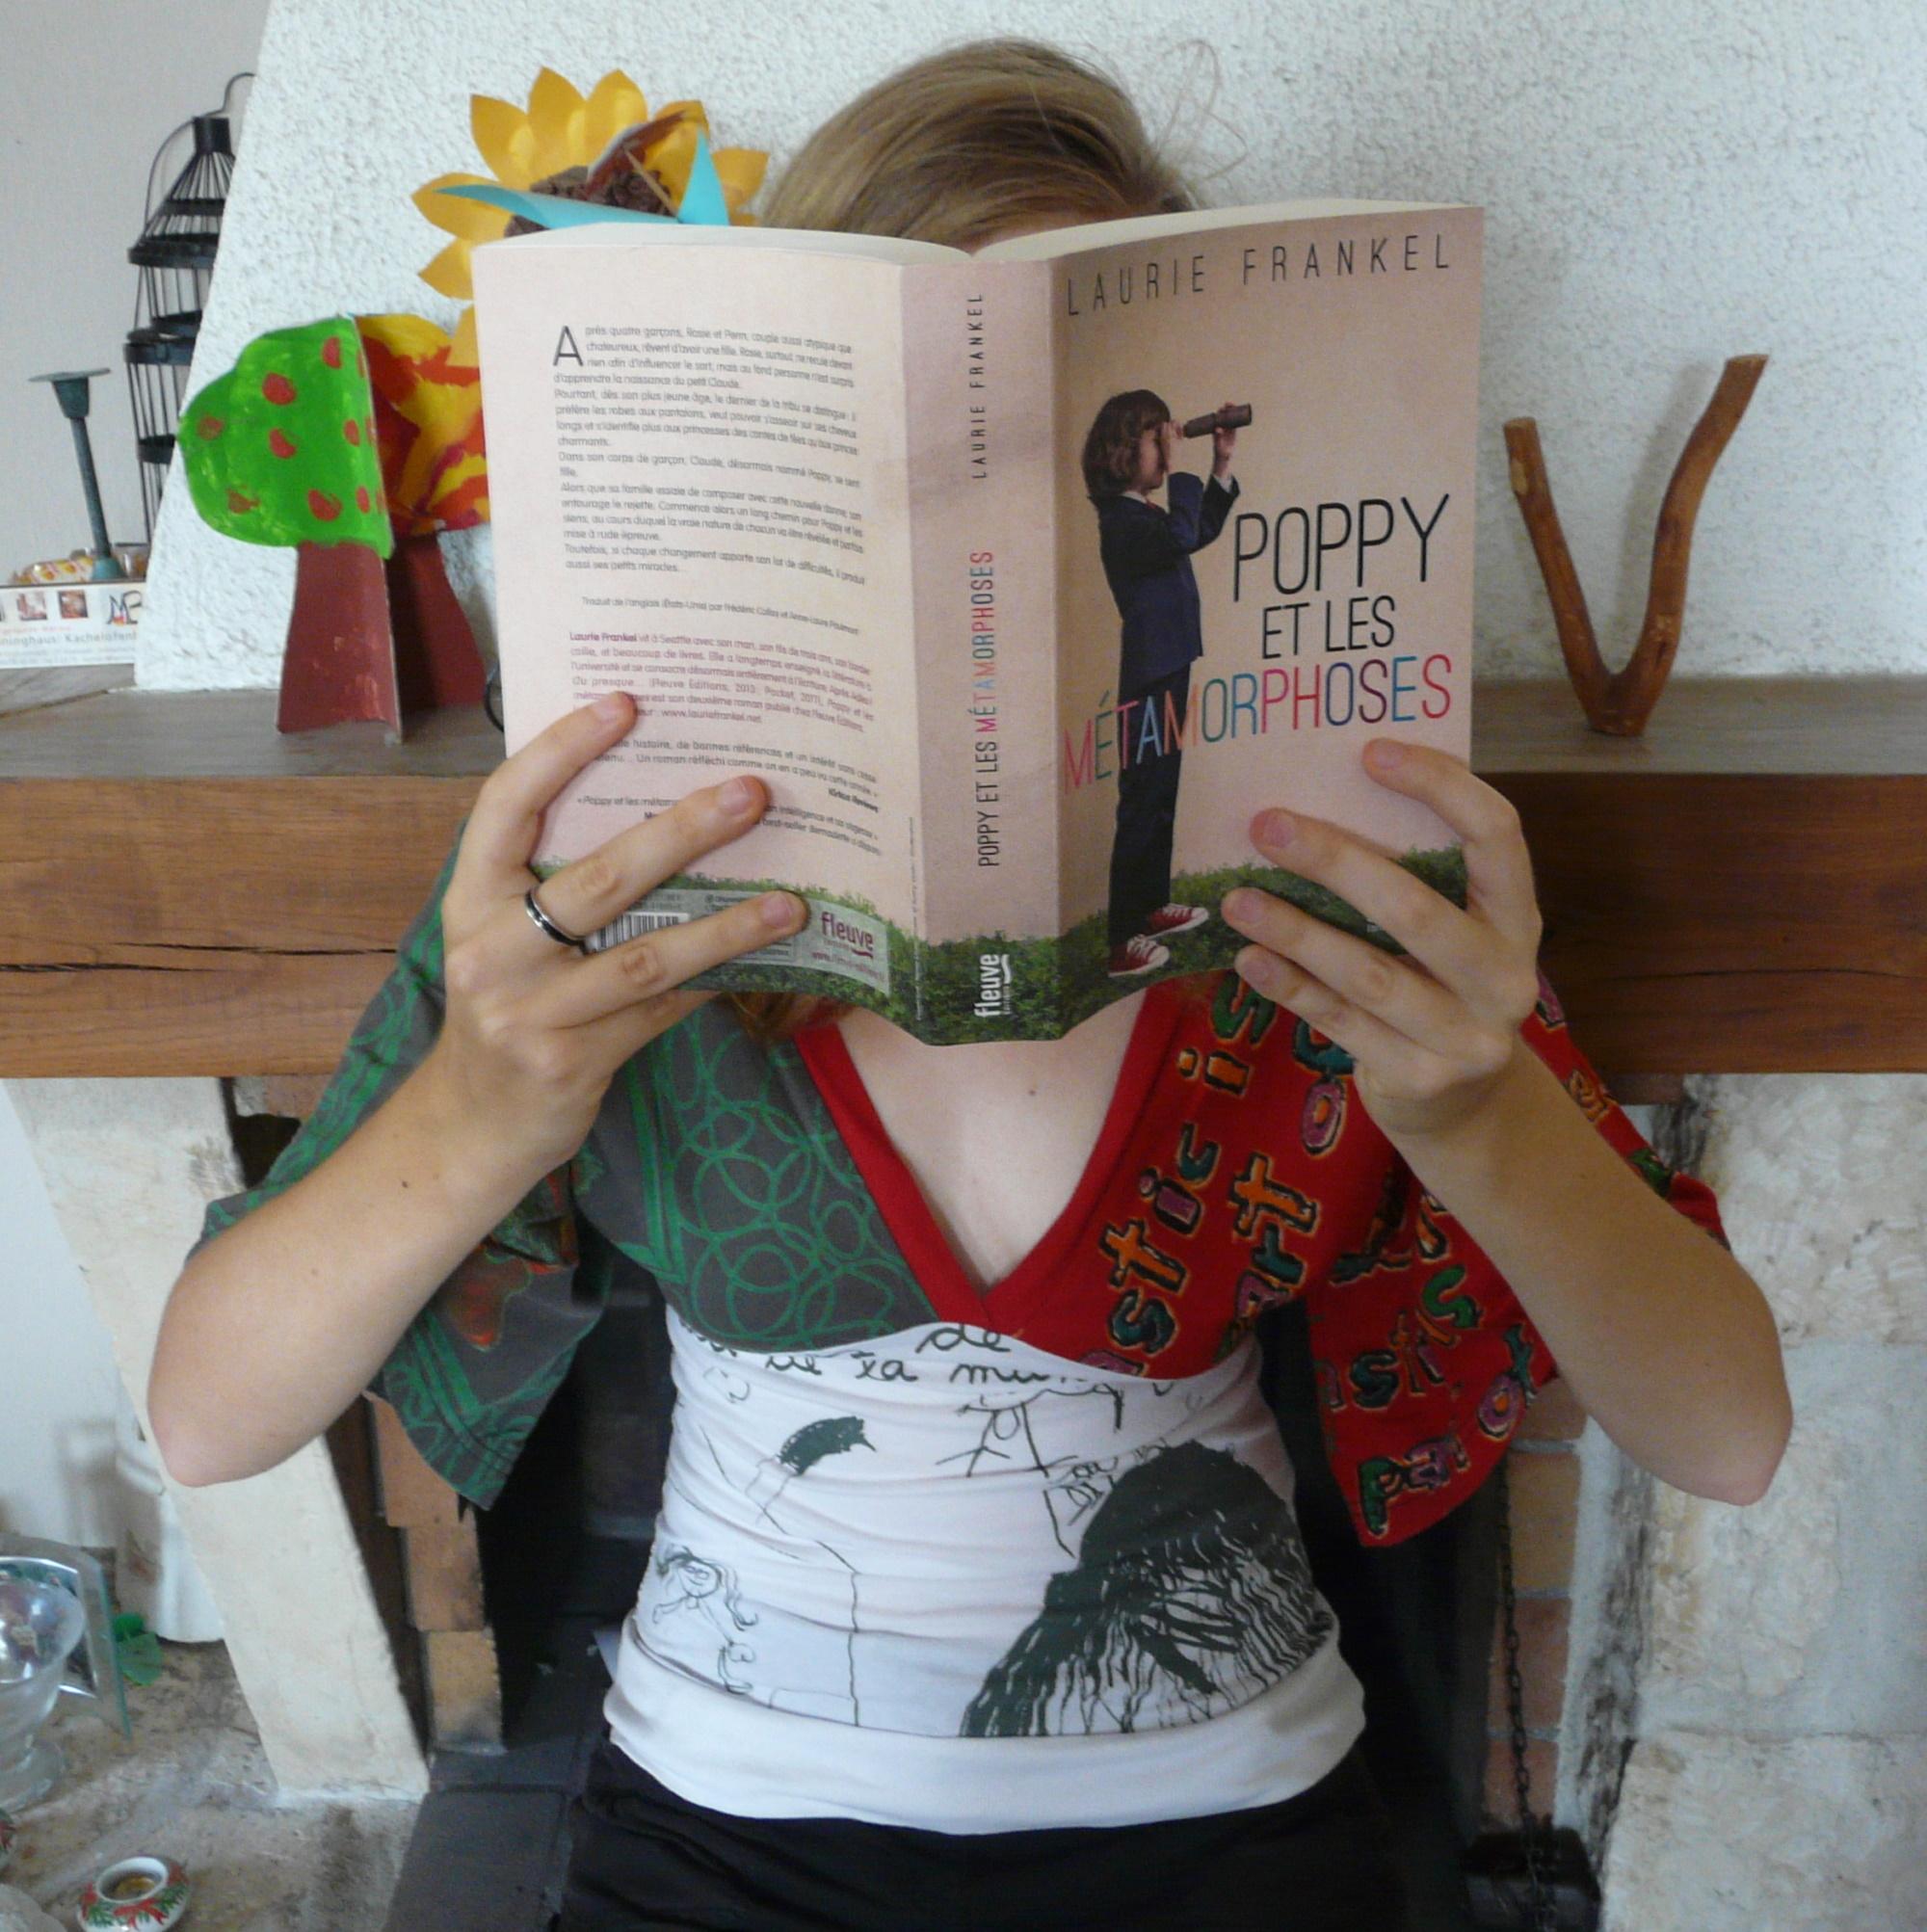 femme lisant Poppy et les métamorphoses de Laurie Frankel devant une cheminée